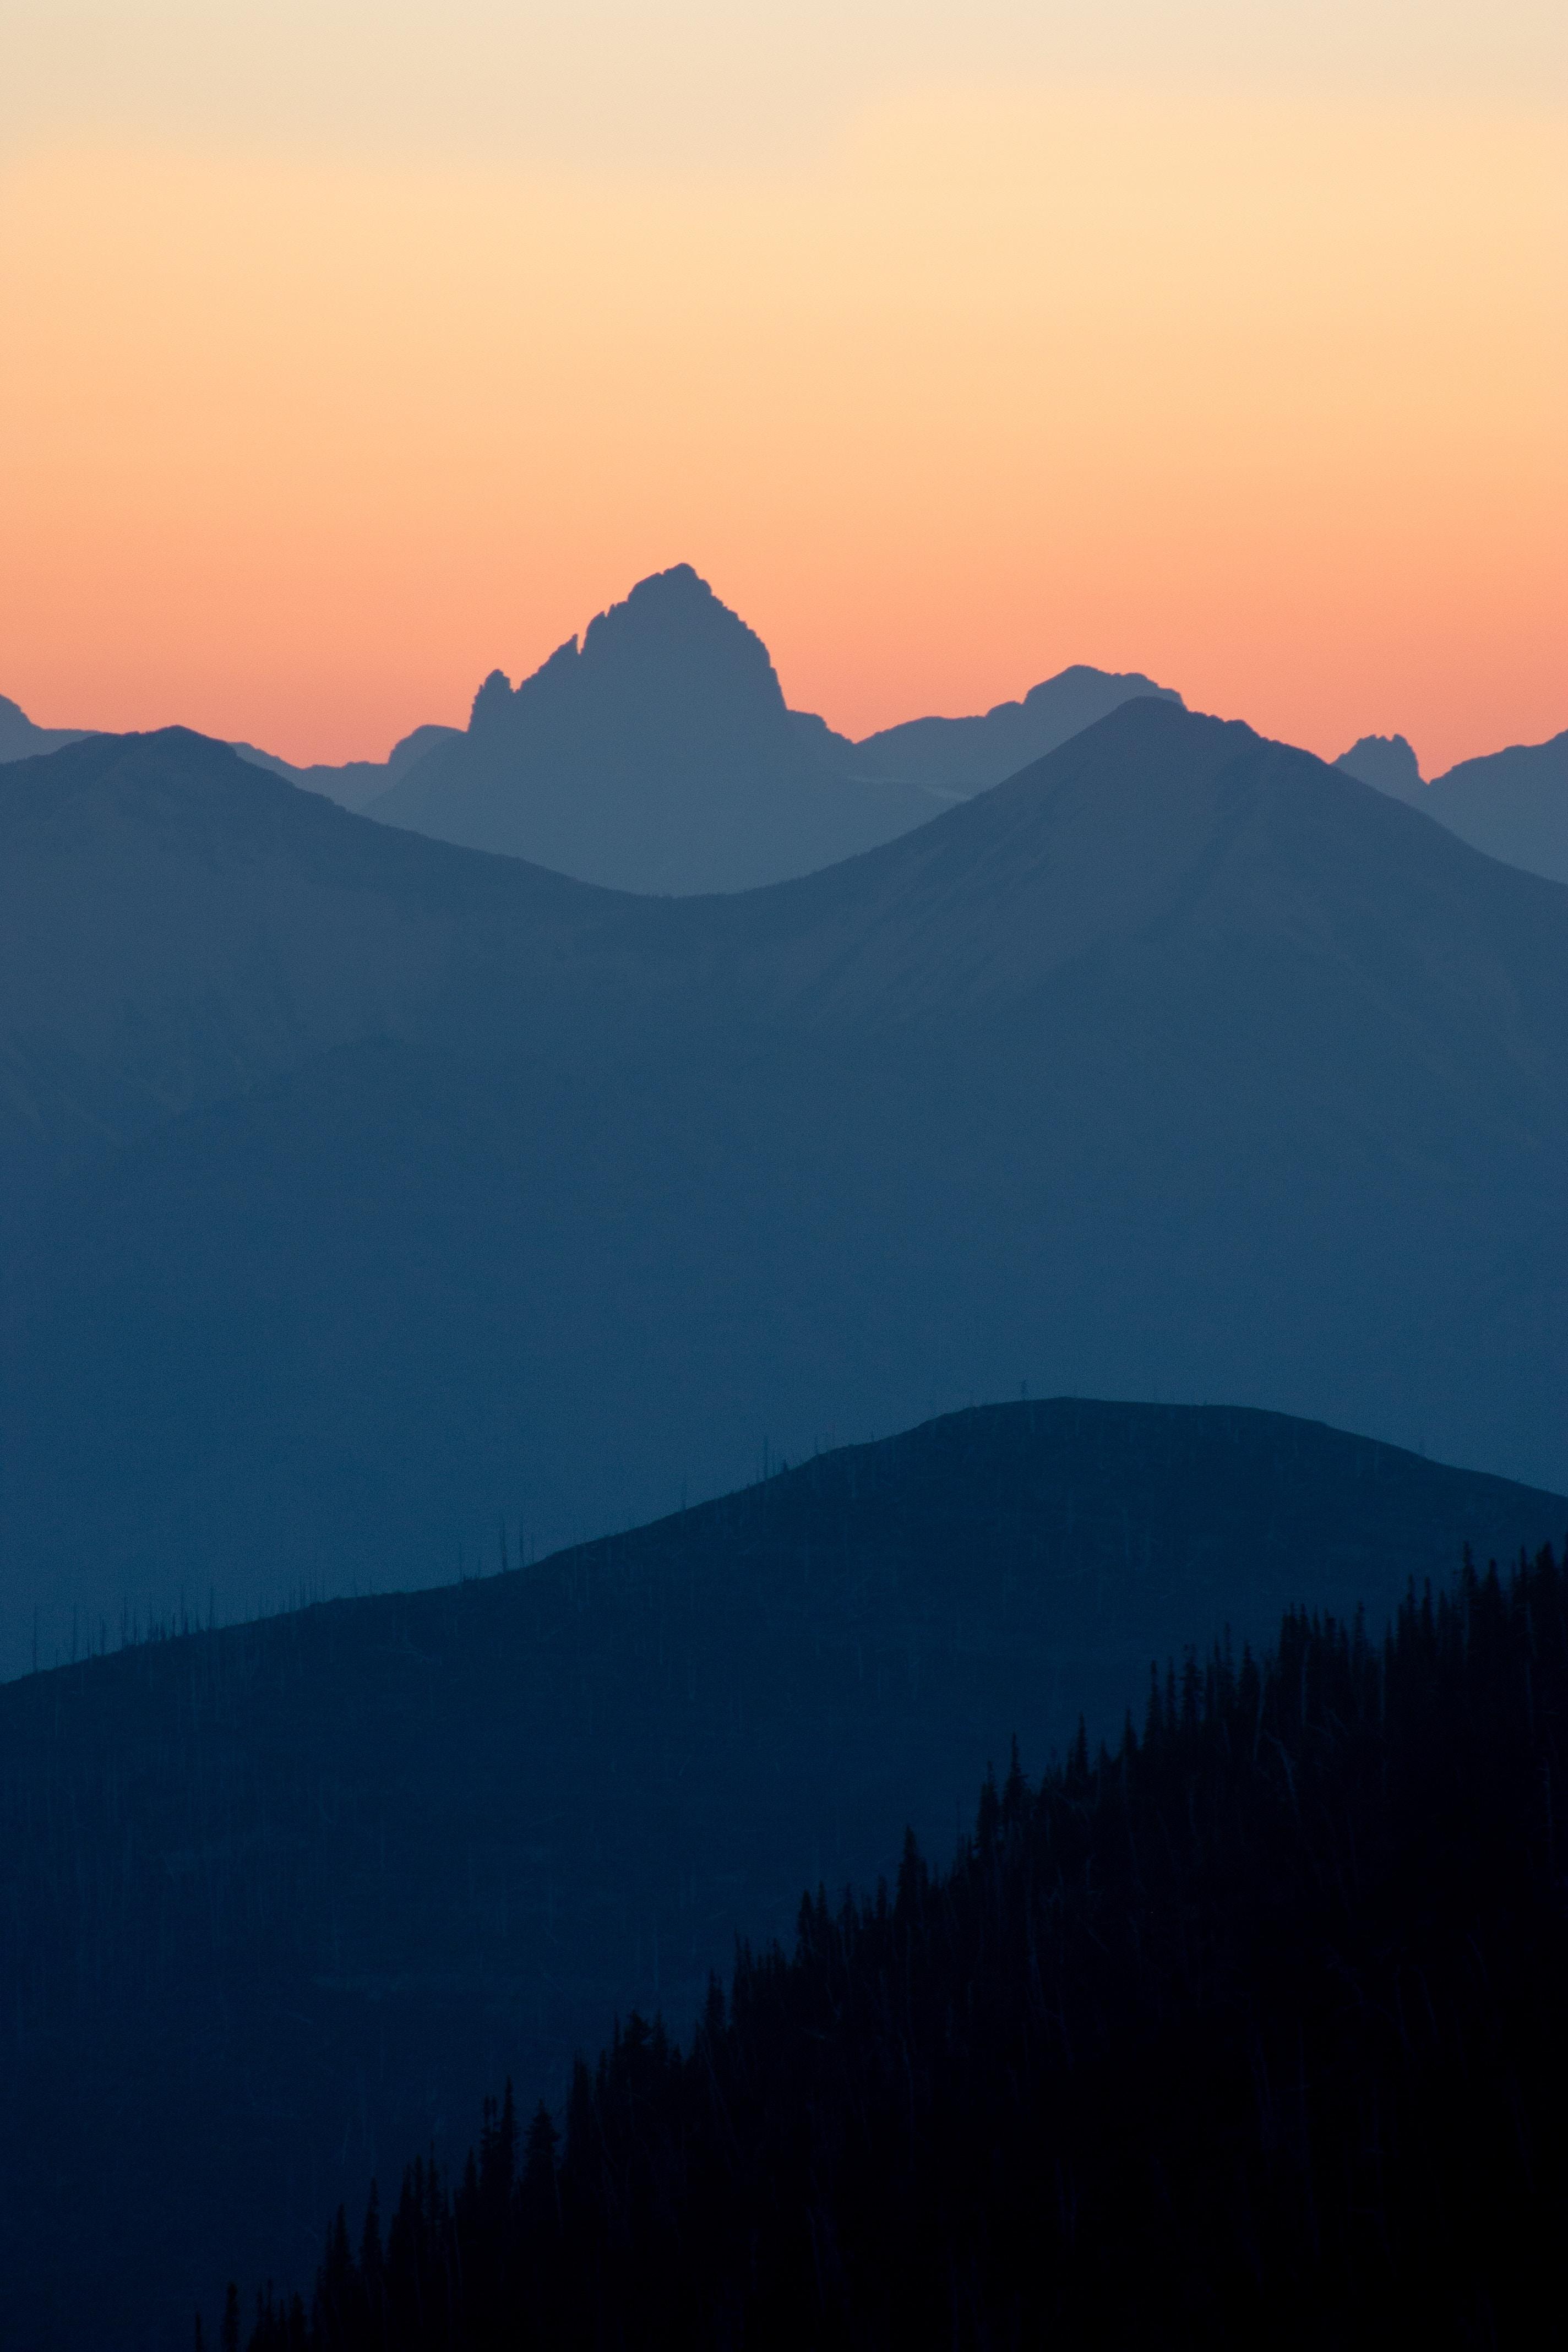 142076 скачать обои Природа, Горы, Сумерки, Холмы, Очертания, Полумрак - заставки и картинки бесплатно